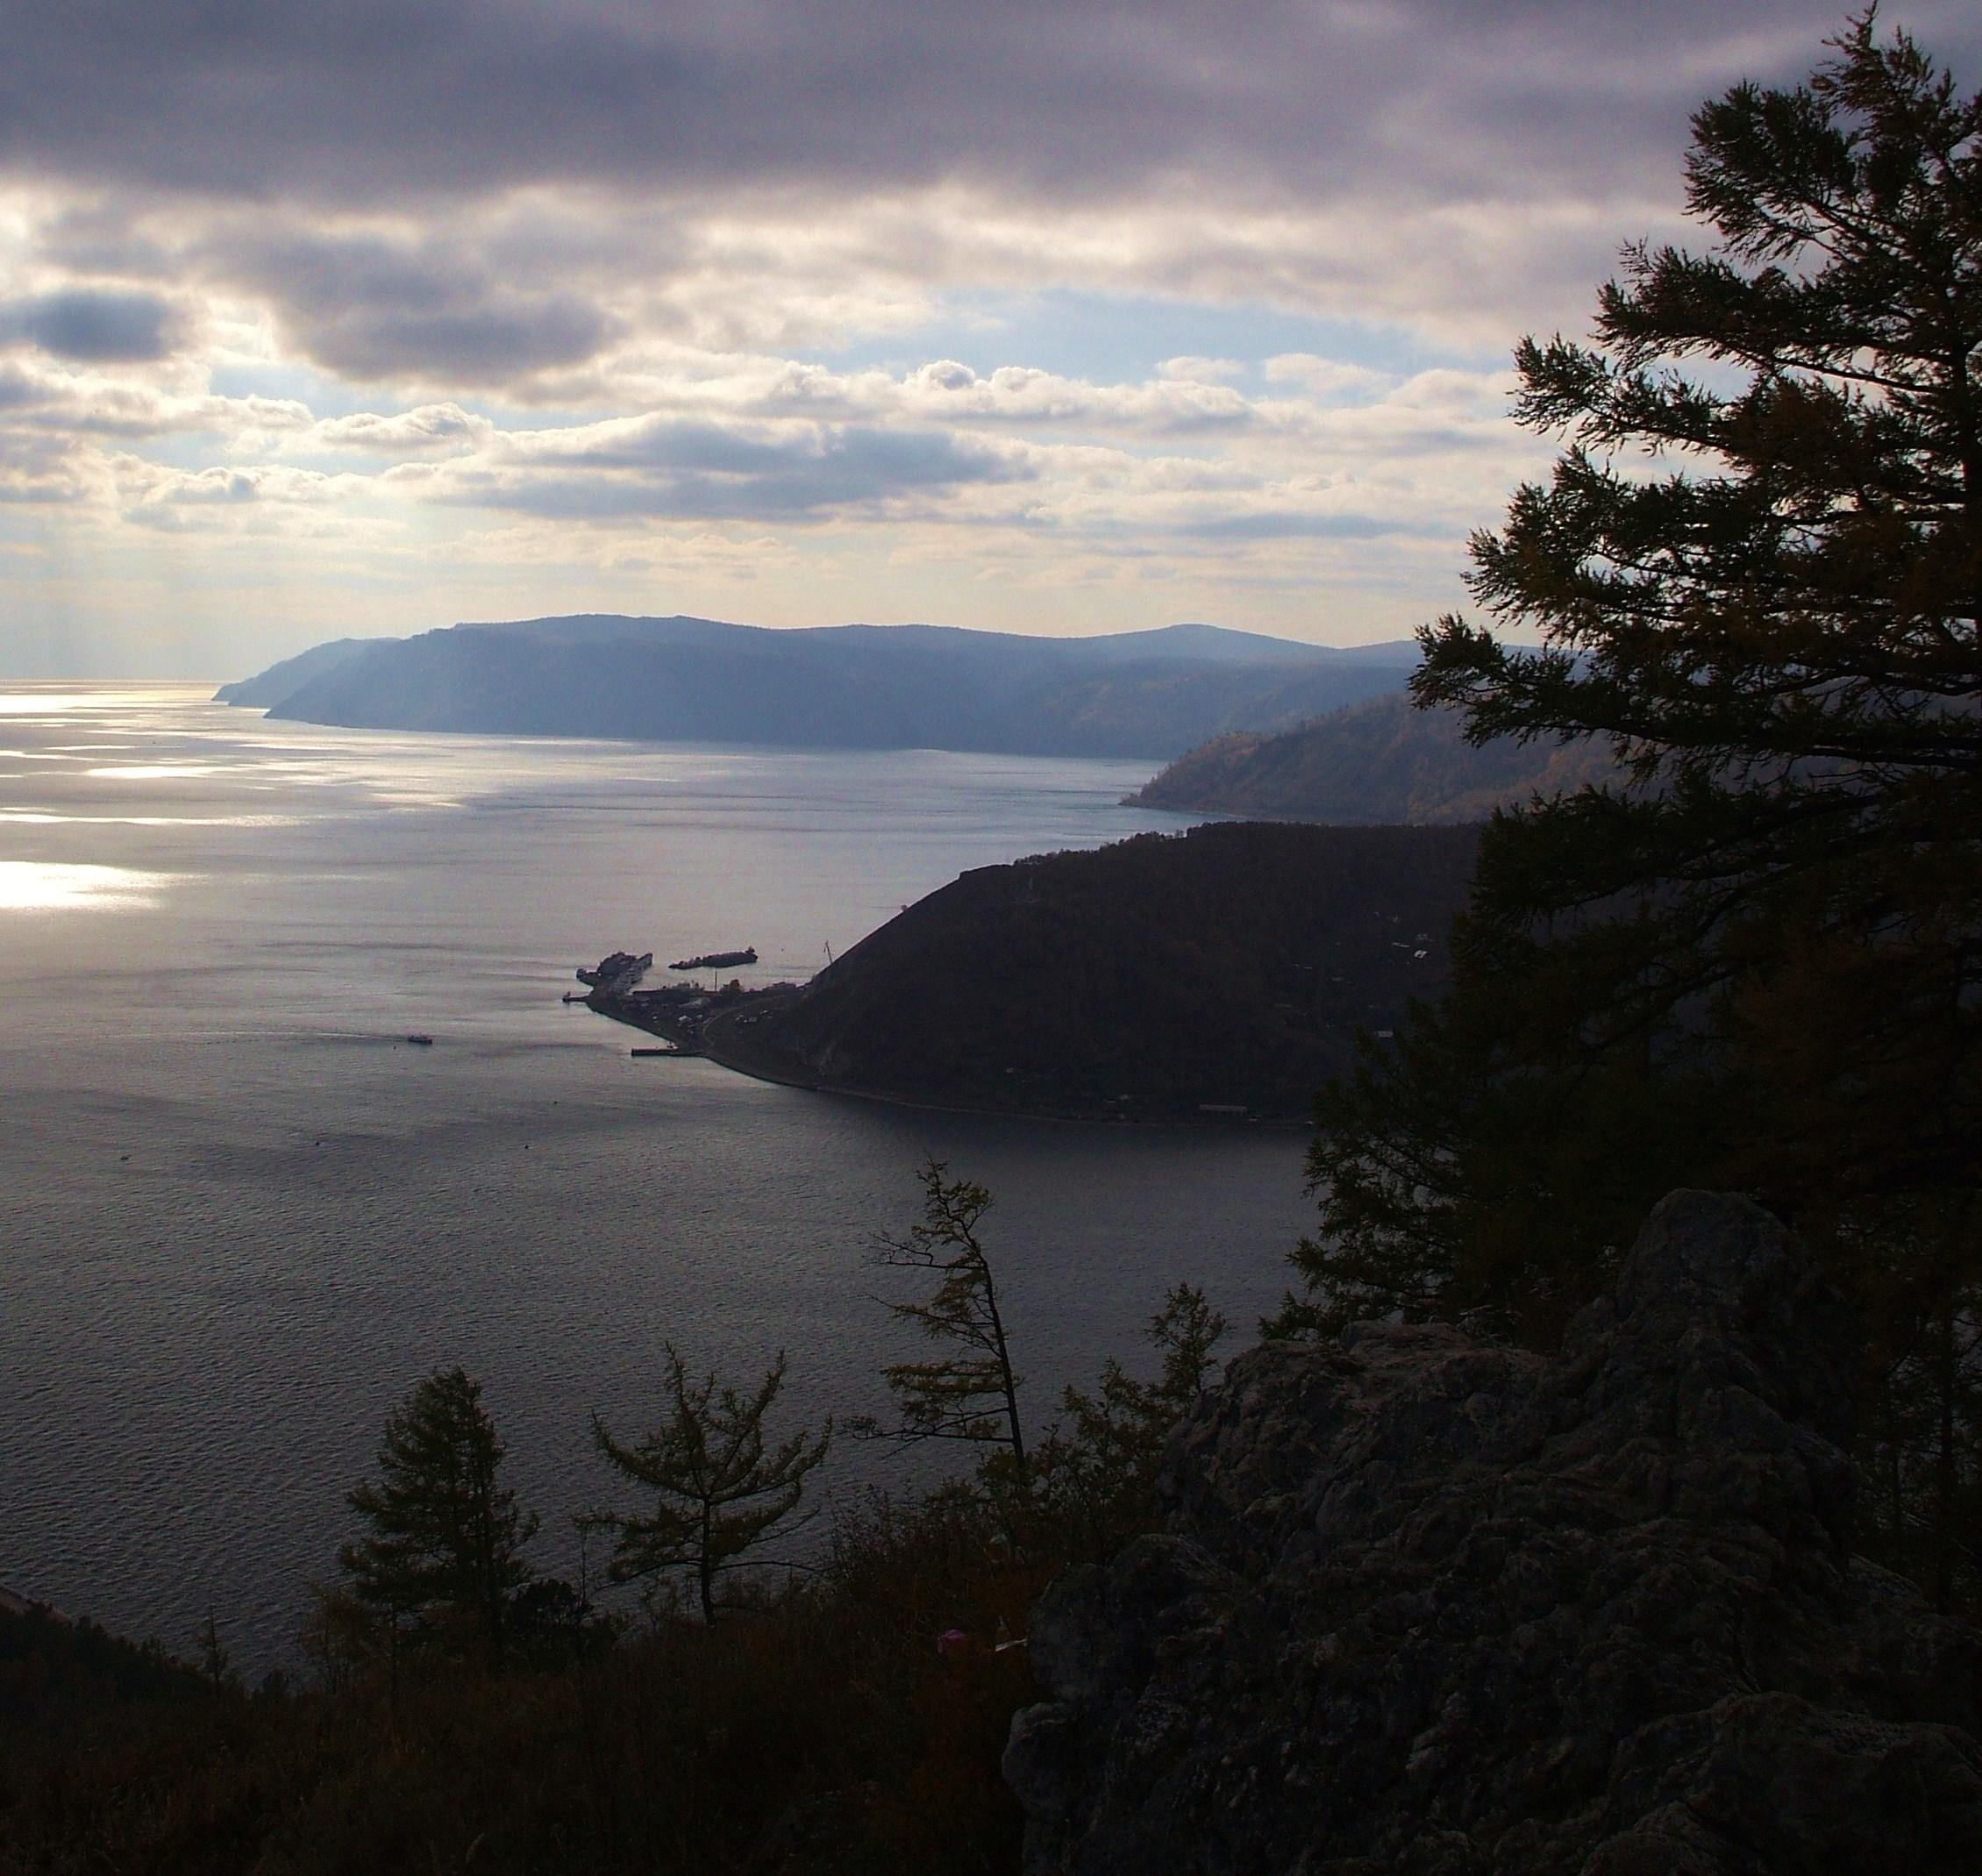 Evening at Lake Baikal